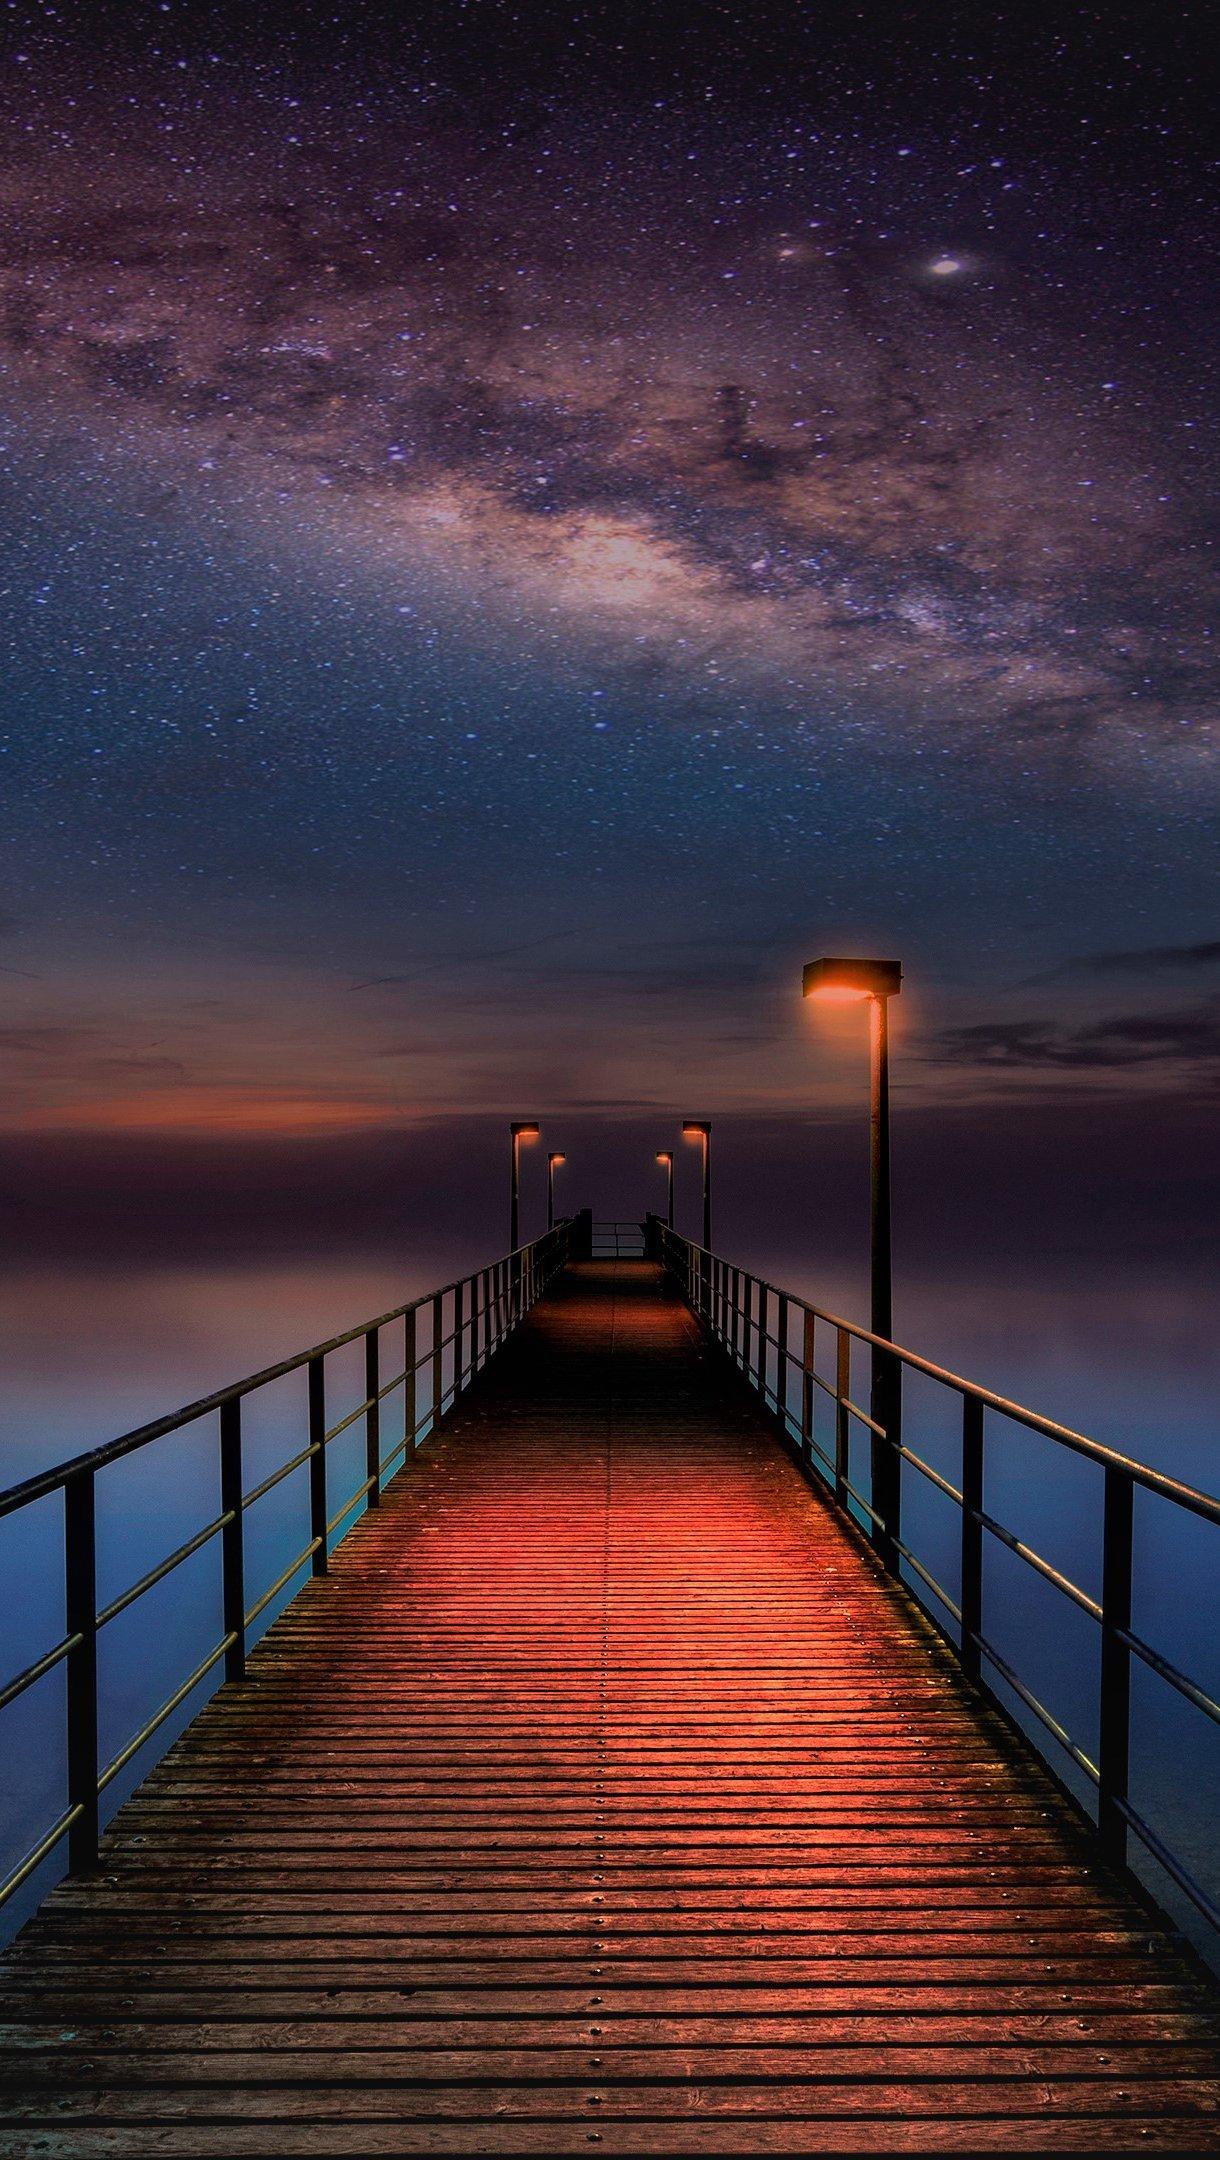 Fondos de pantalla Muelle en noche estrellada Vertical